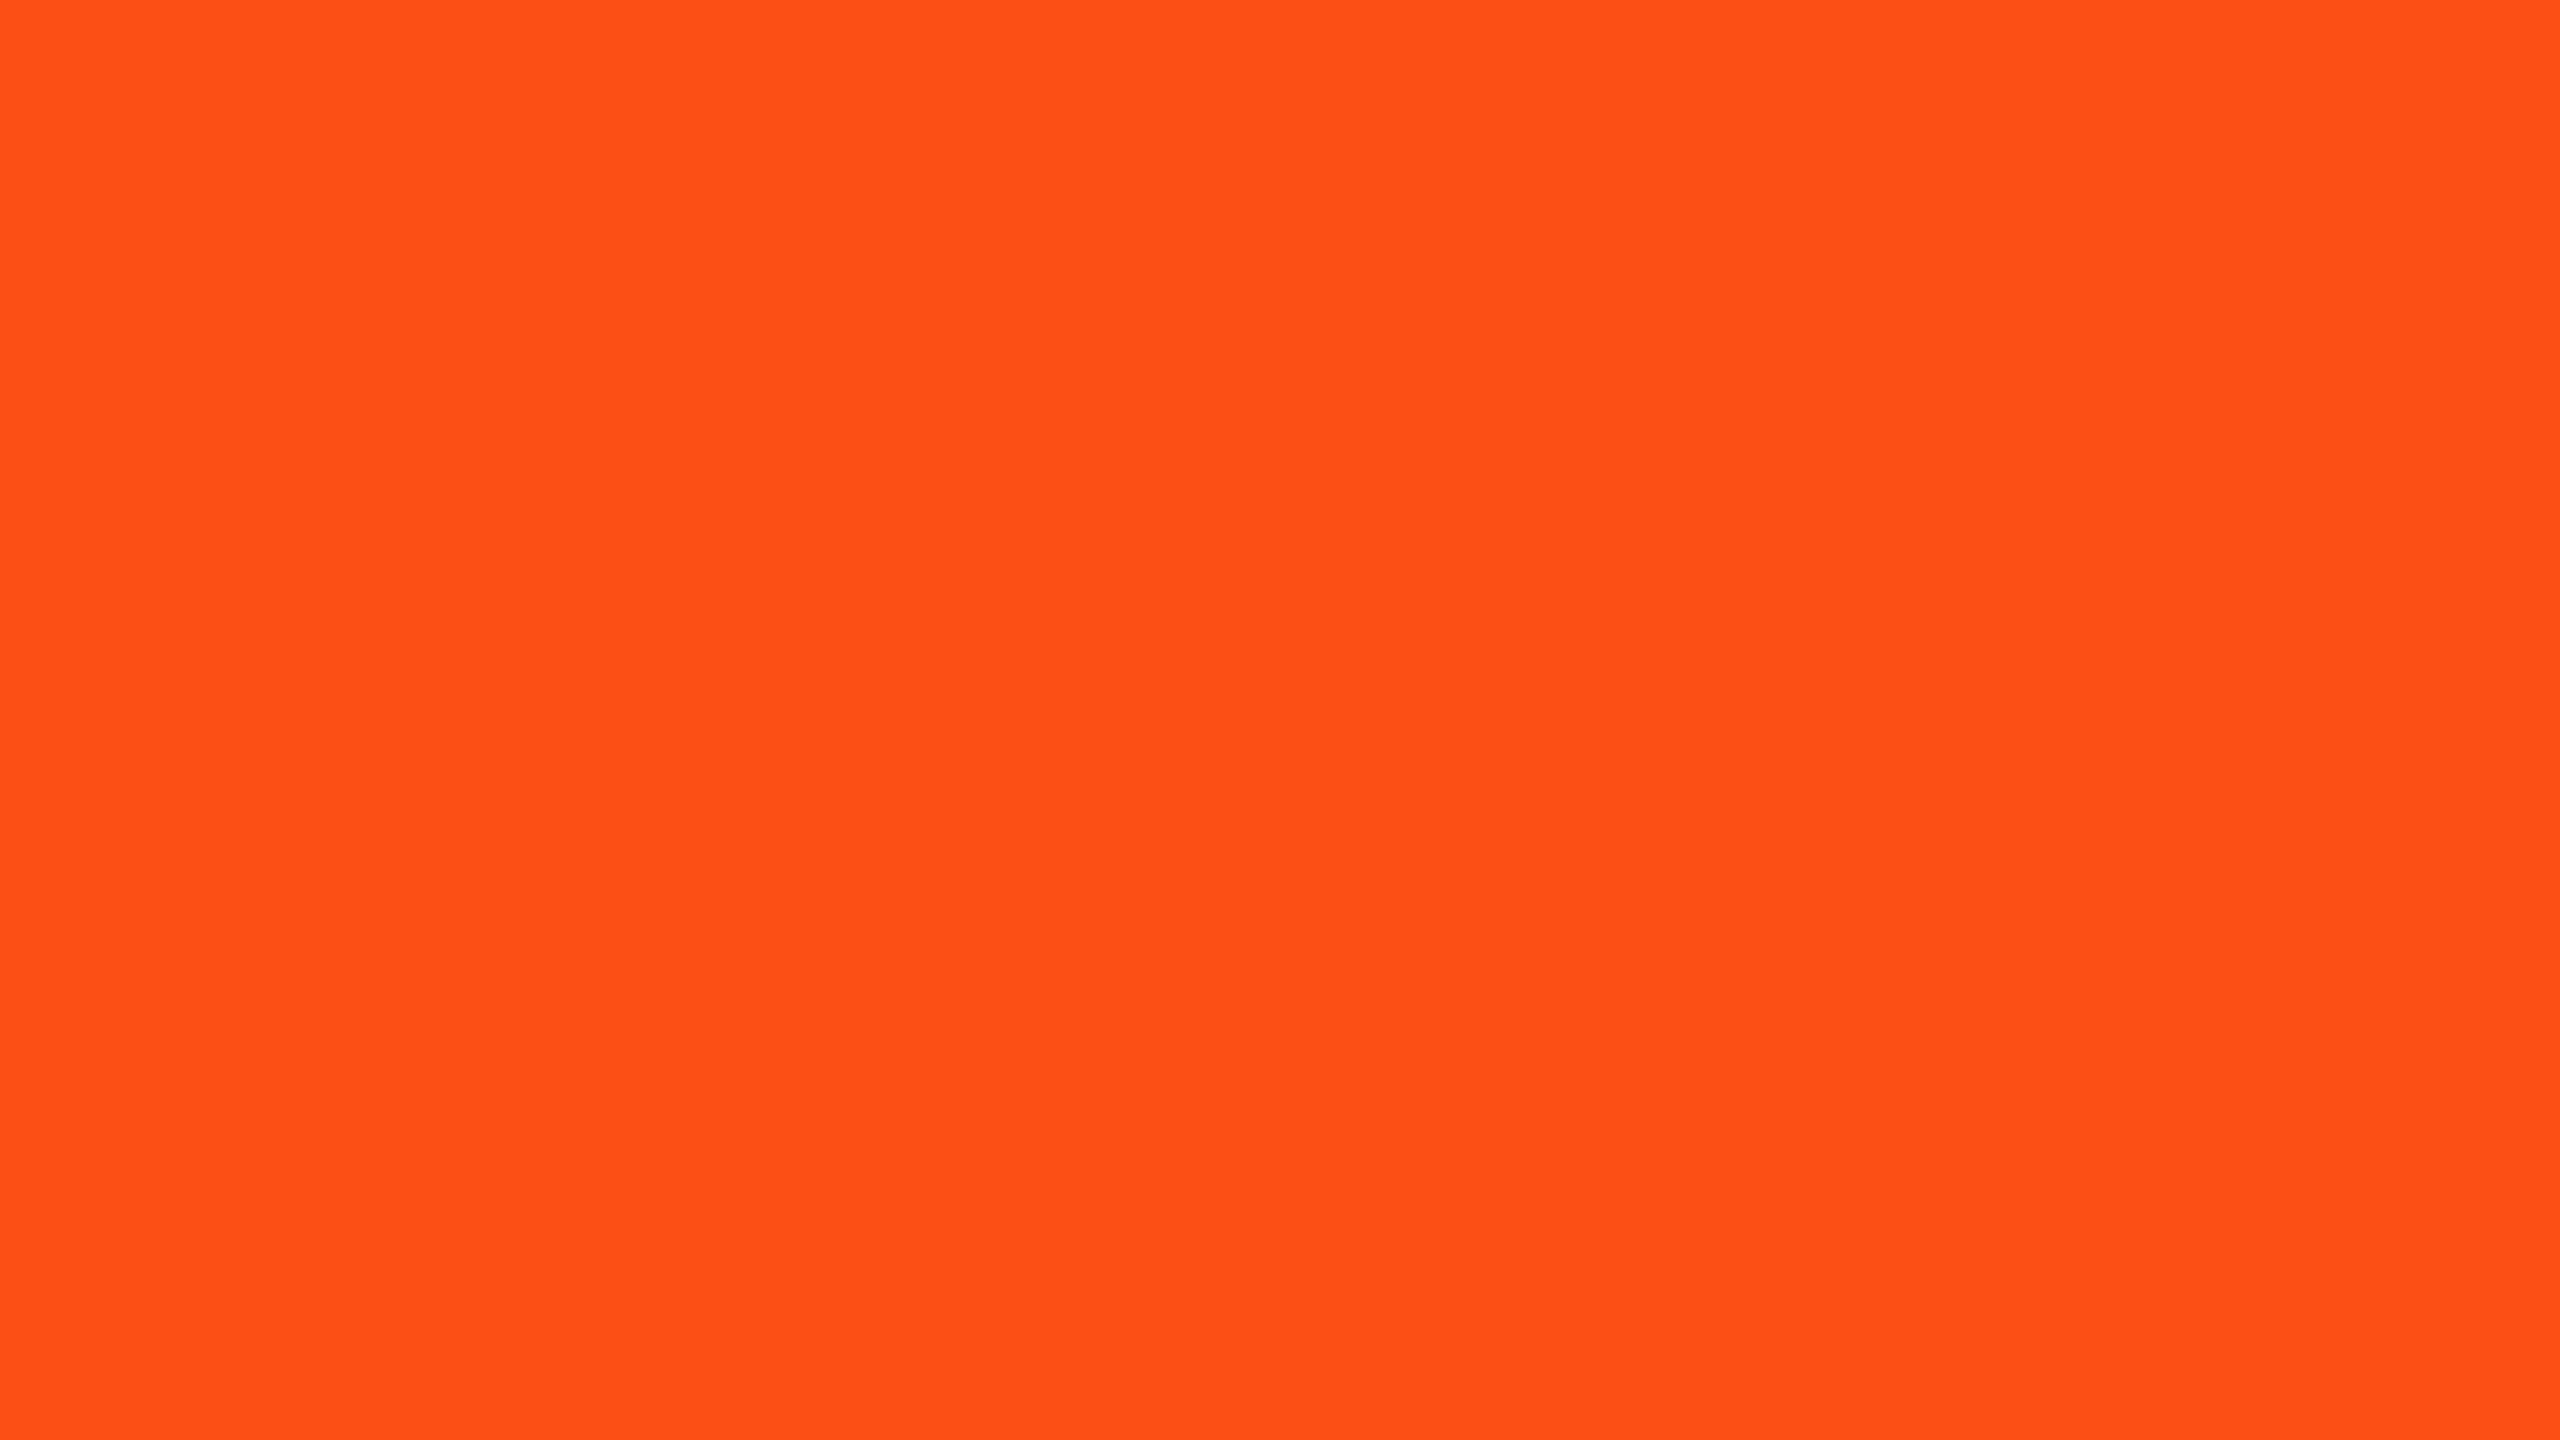 Best Color For Cars >> Solid Orange Wallpaper (70+ images)